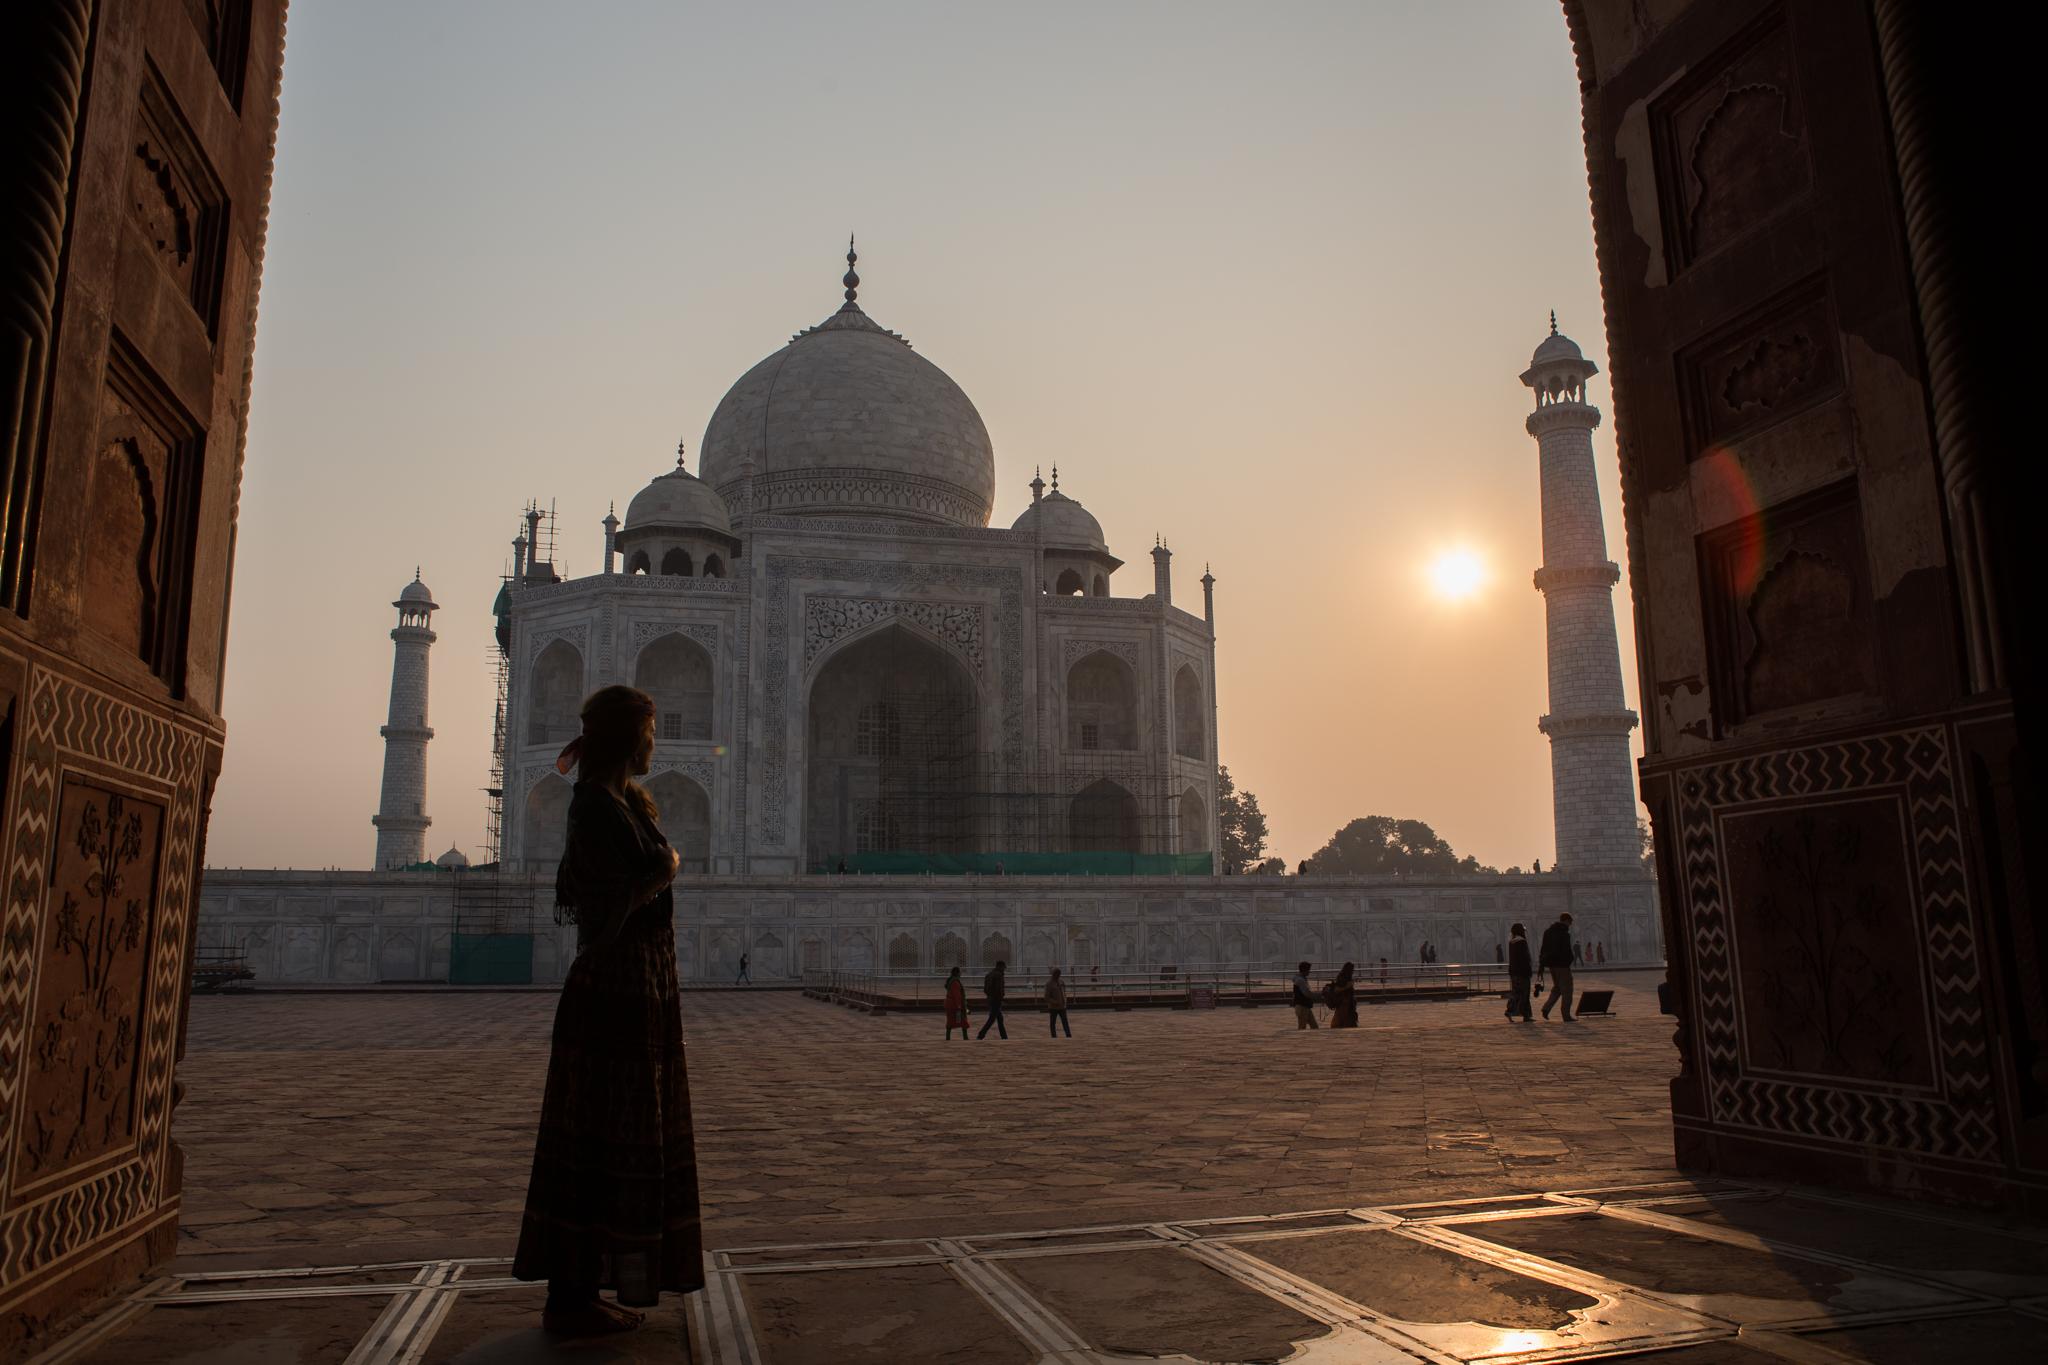 visiter-taj-mahal-inde-astuces